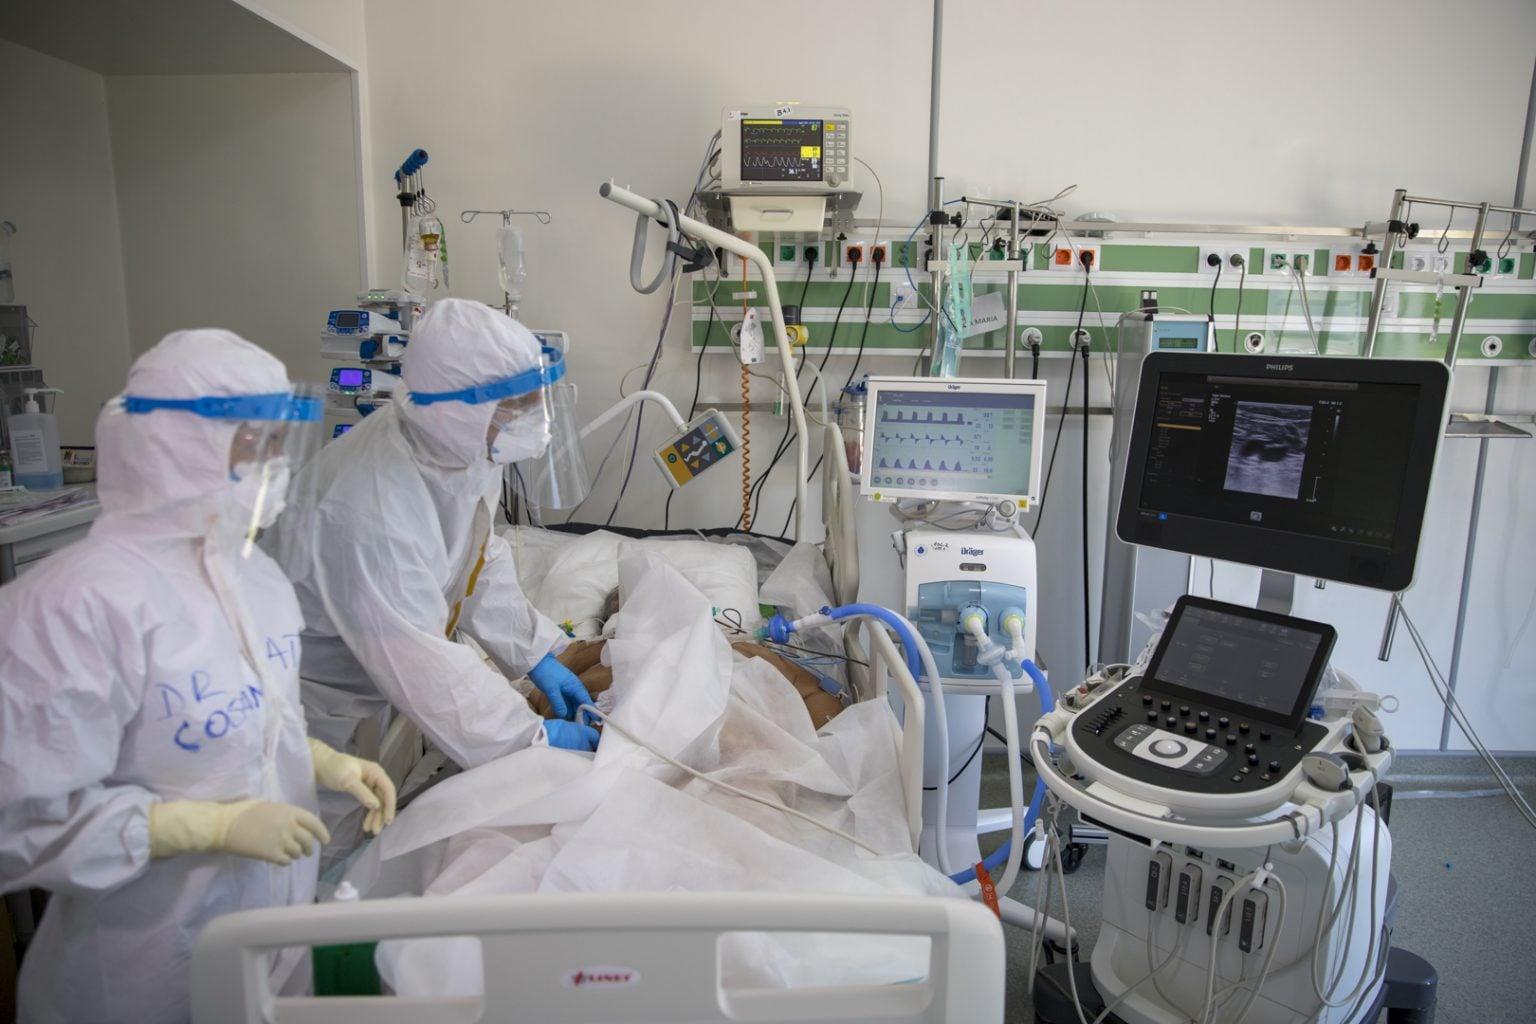 Bilanț COVID-19 în România, marți: 6.789 cazuri noi și 129 pacienți decedați